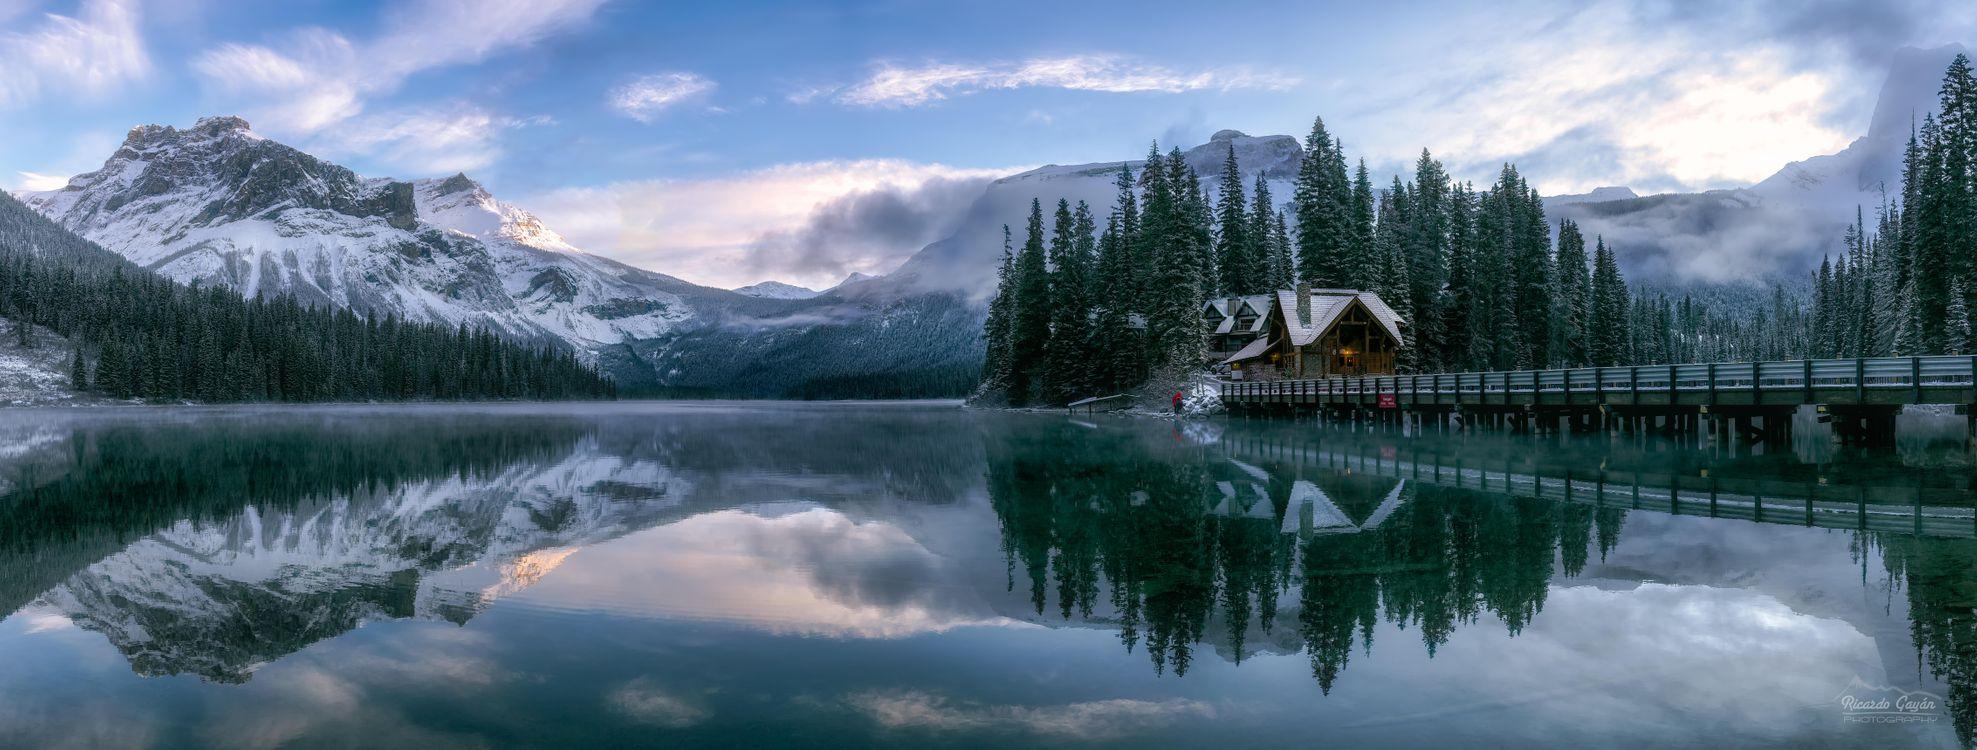 Фото бесплатно Emerald Lake, Yoho National Park, Canada, Изумрудное озеро, Национальный парк Йохо, Канада, зима, озеро, домик, горы, деревья, мост, пейзаж, панорама, пейзажи